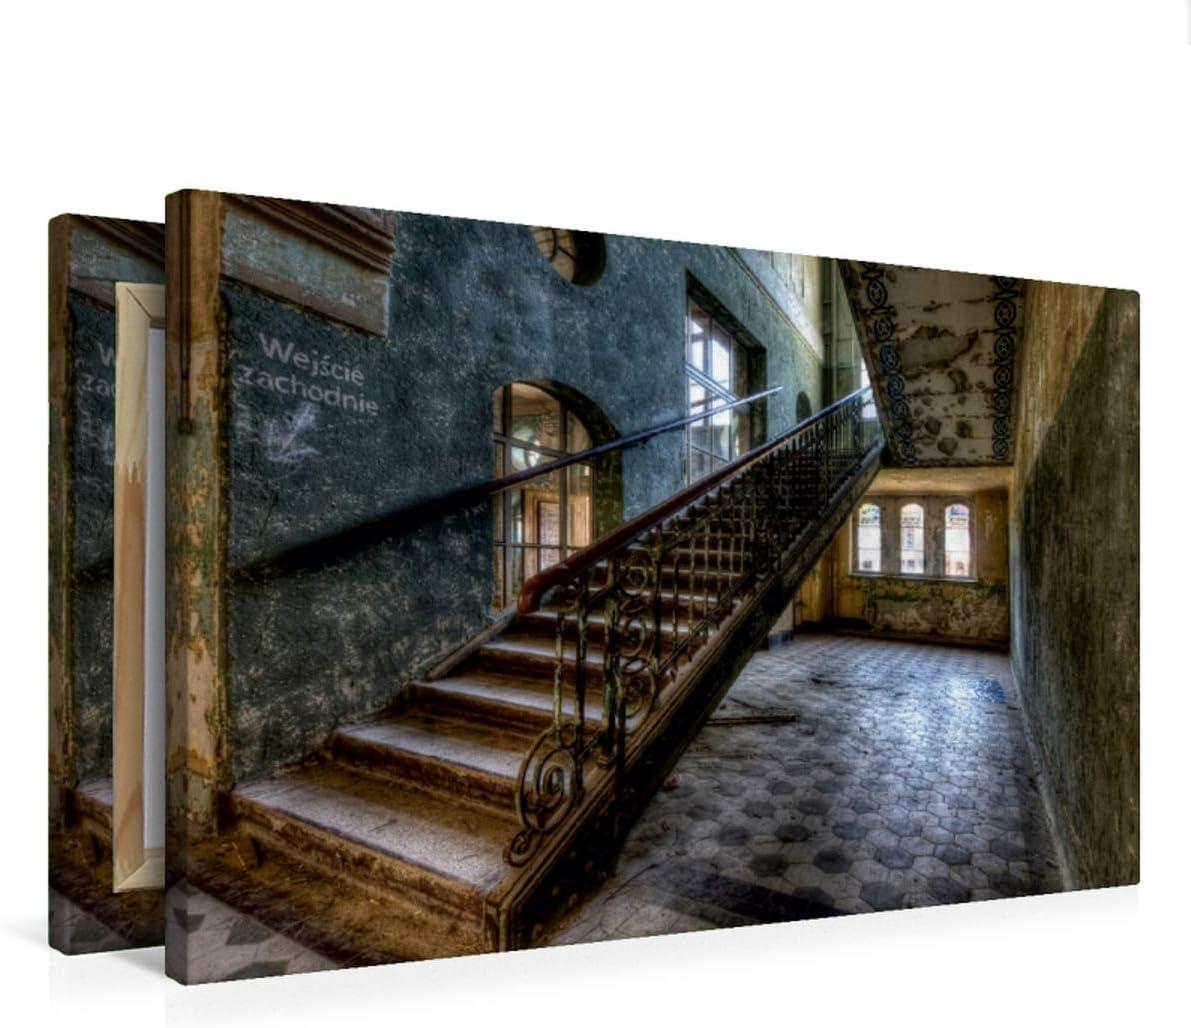 CALVENDO Premium Lienzo 75 cm x 50 cm Horizontal, Lost Place – Escalera Imagen de Pared, Imagen sobre Bastidor, Listo en Lienzo auténtico, impresión en Lienzo: sanatorio Kunst Arte: Buchspies, Carina: Amazon.es: Hogar